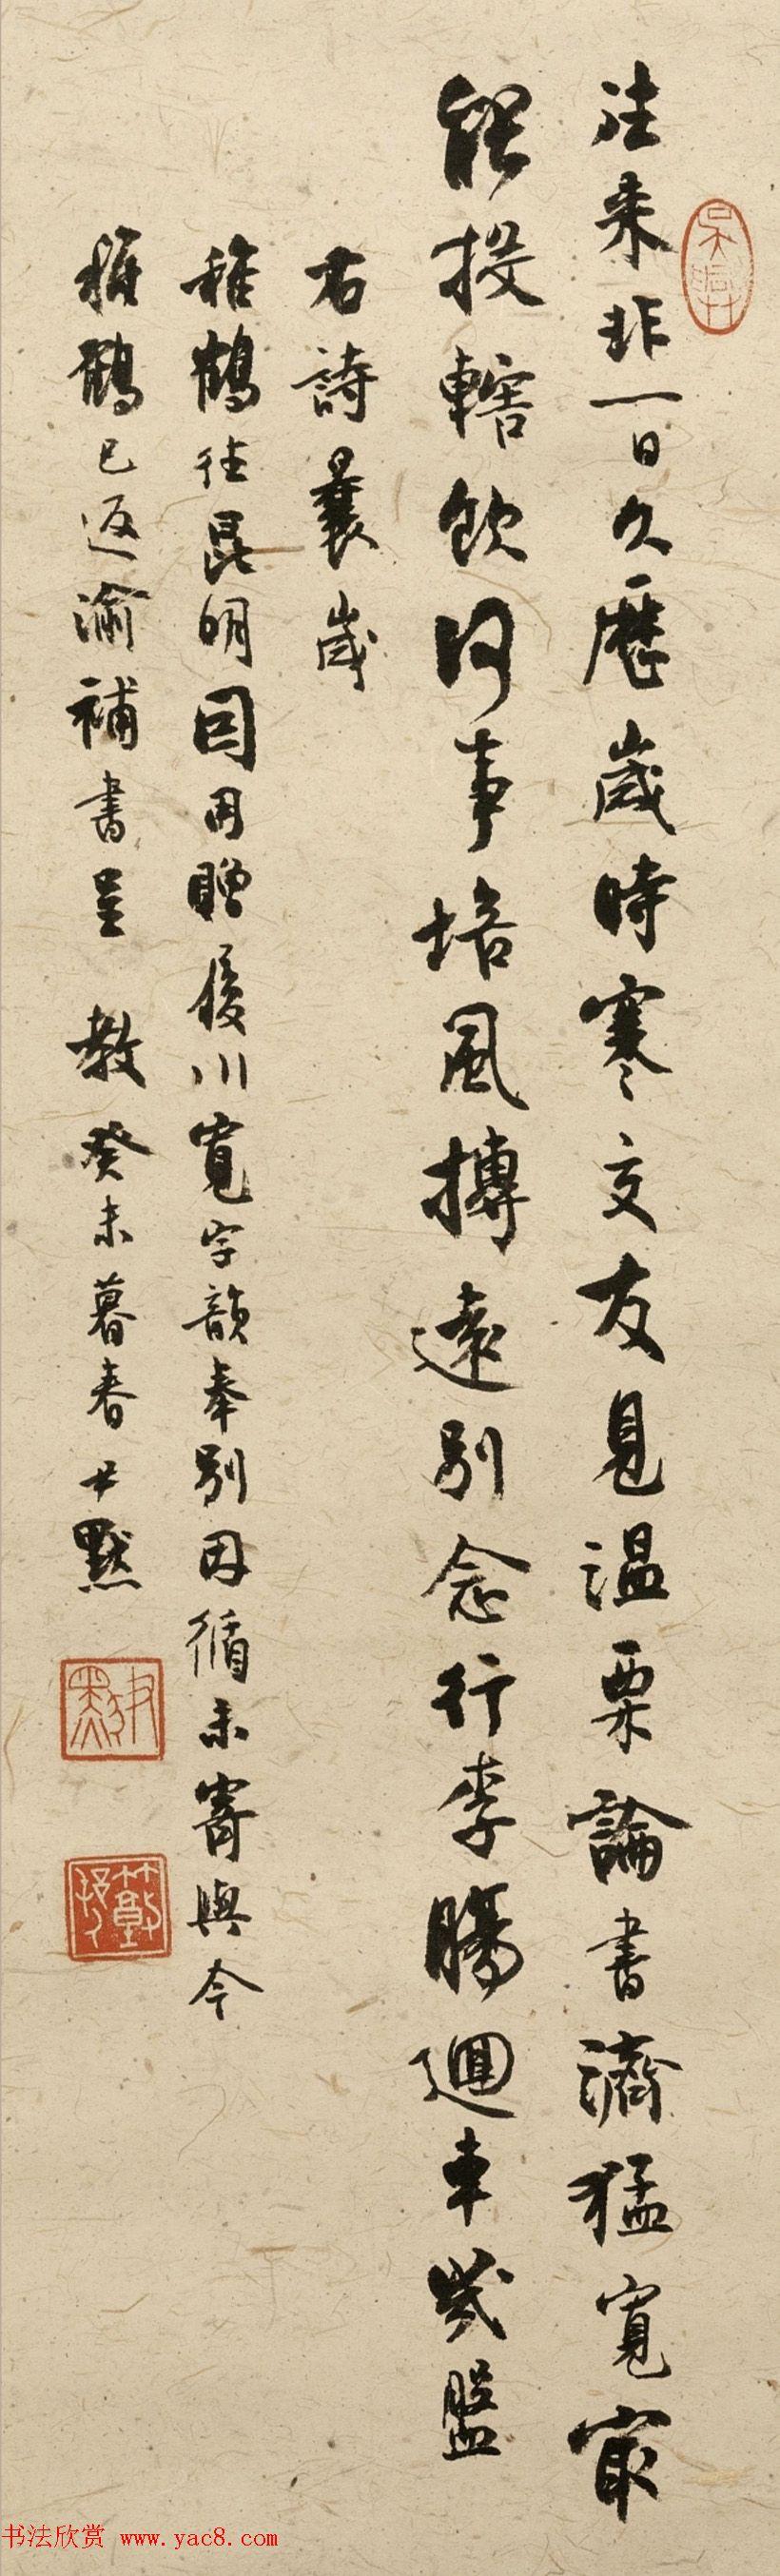 沈尹默行书诗轴8幅故宫博物院藏